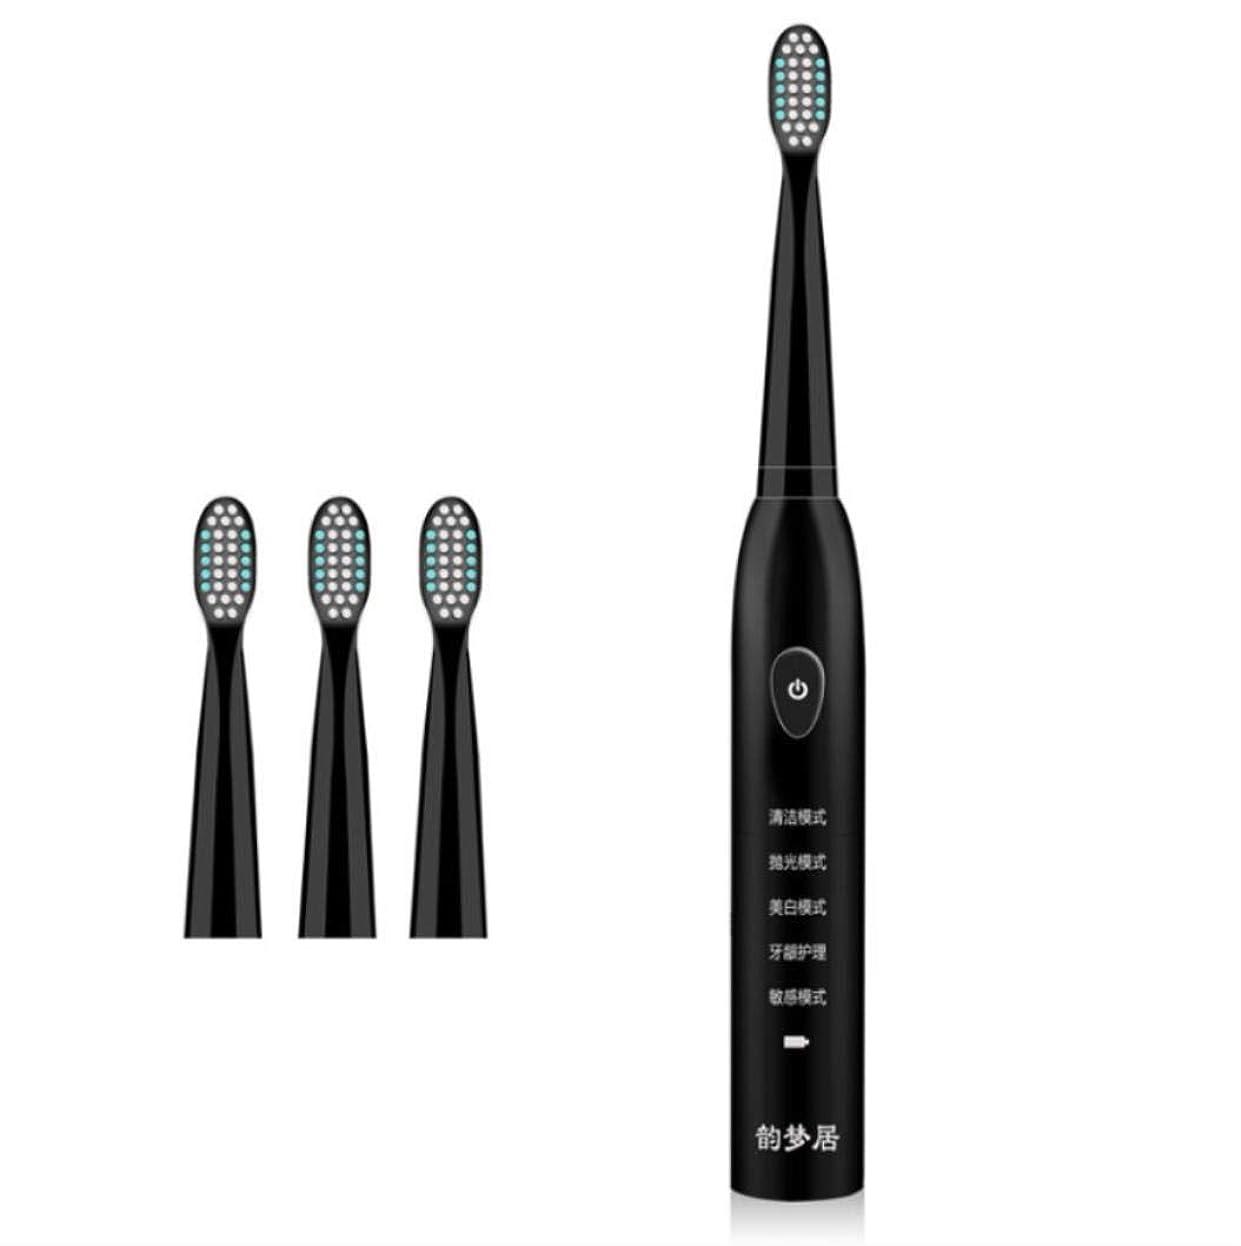 4つの取り替えのブラシヘッドUSBが付いている電気歯ブラシは5つのモードを満たしました音波のクリーニングを達成します,Black